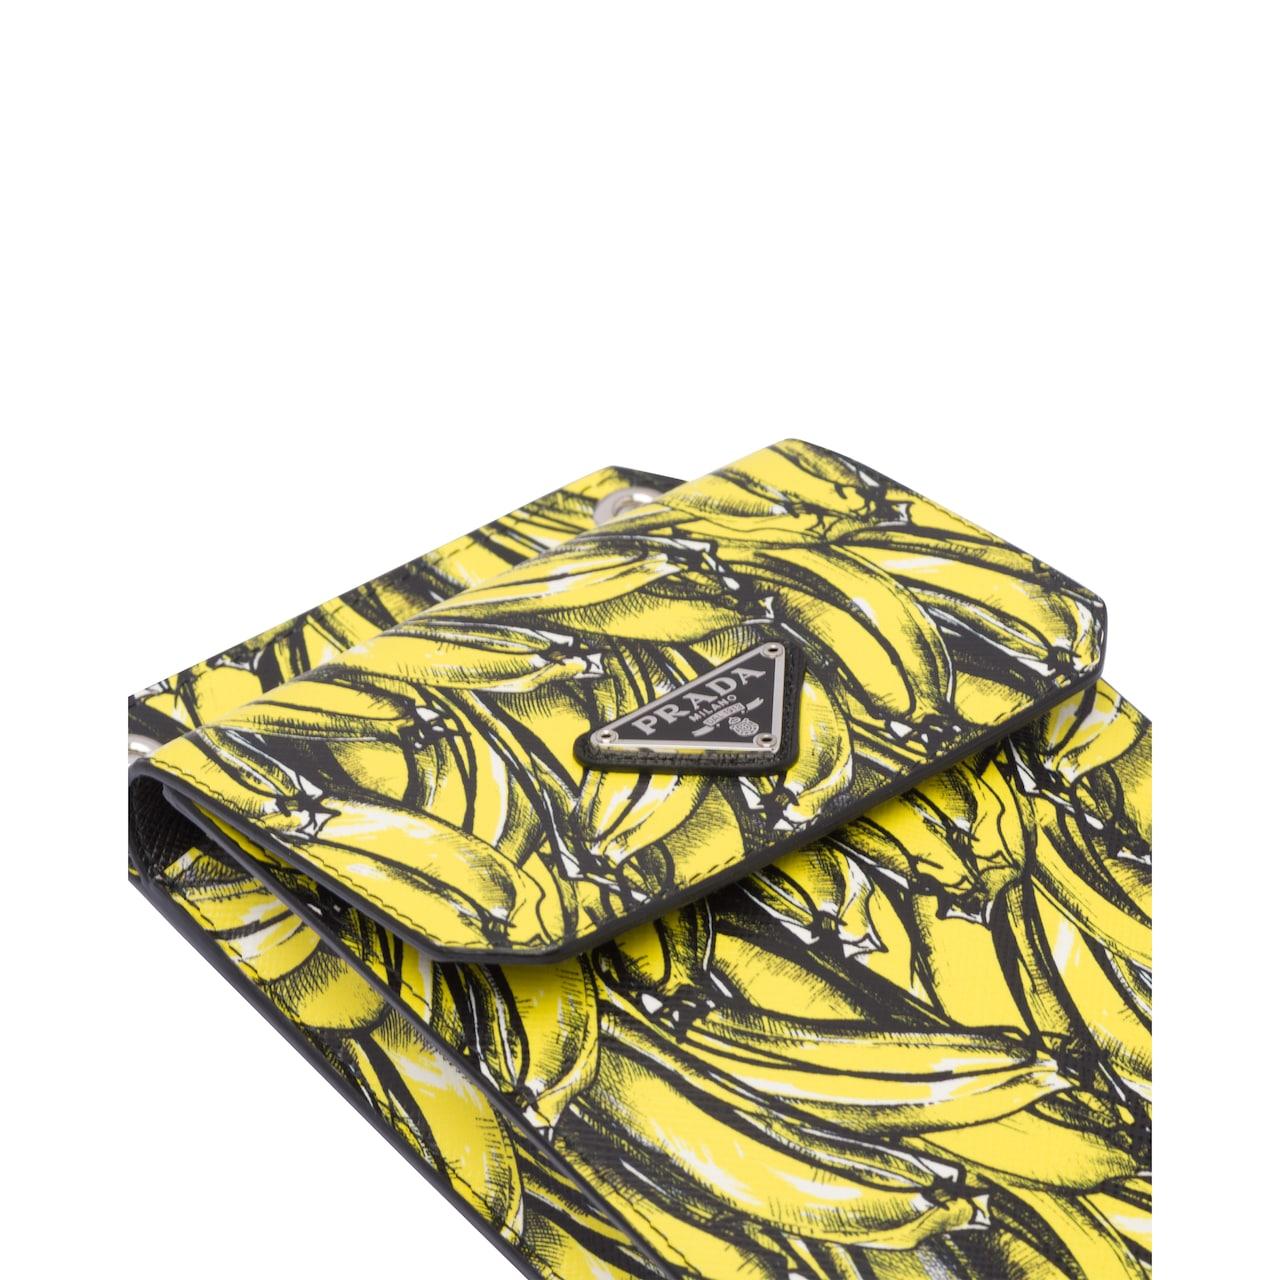 Prada Saffiano 皮革手机包 4